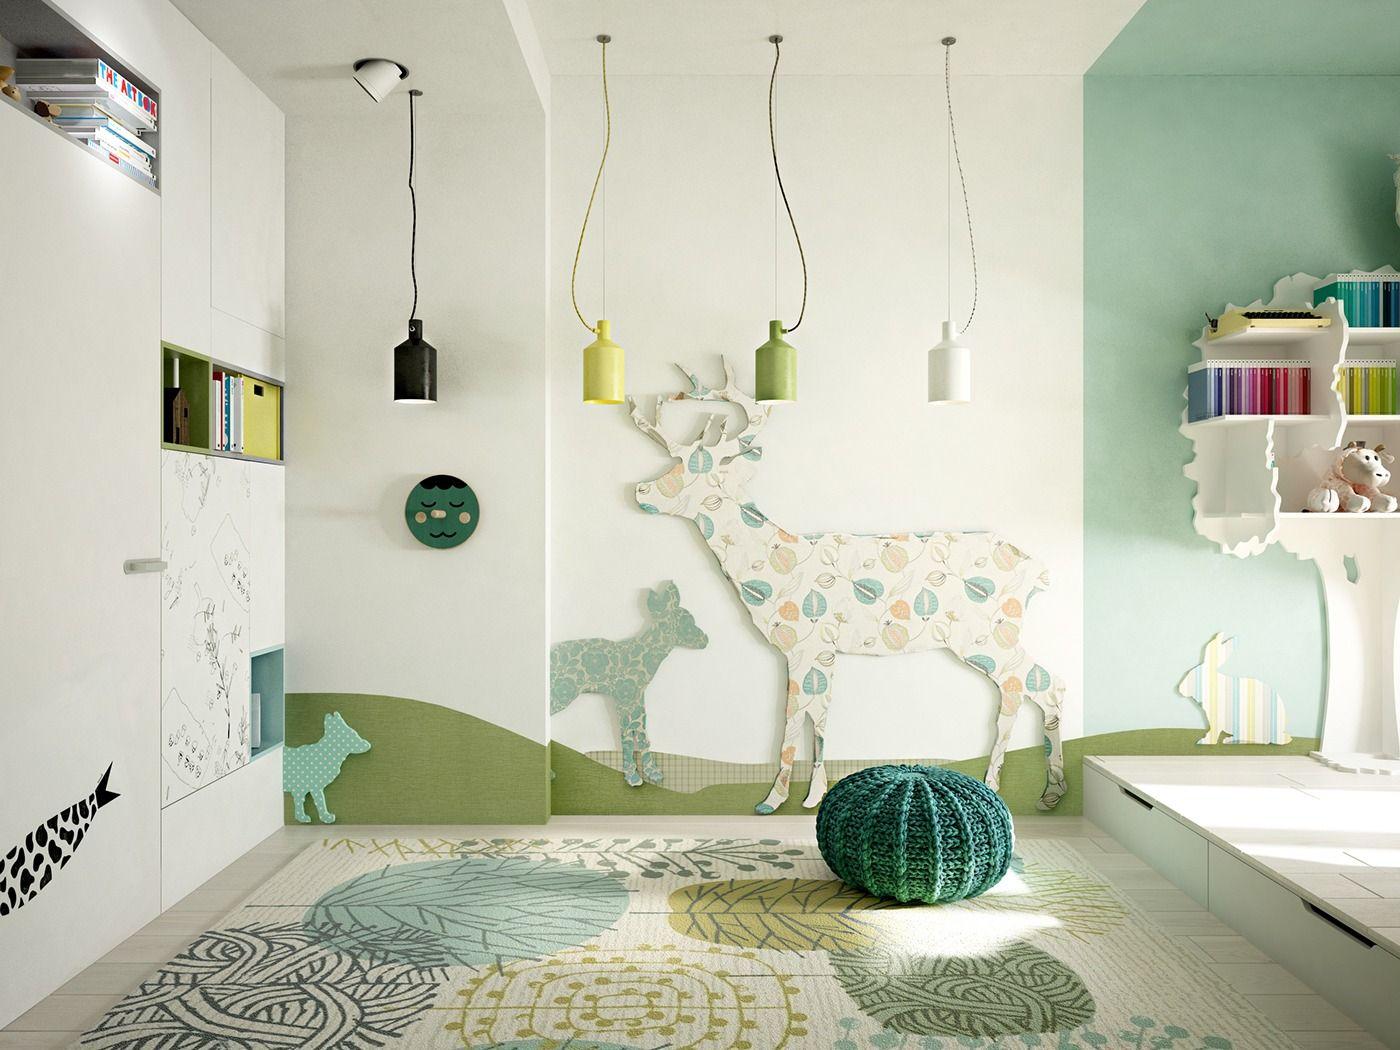 Kinderkamer Ideeen Dieren : Leuke dieren op de muren #kinderkamer #groen kinderkamer